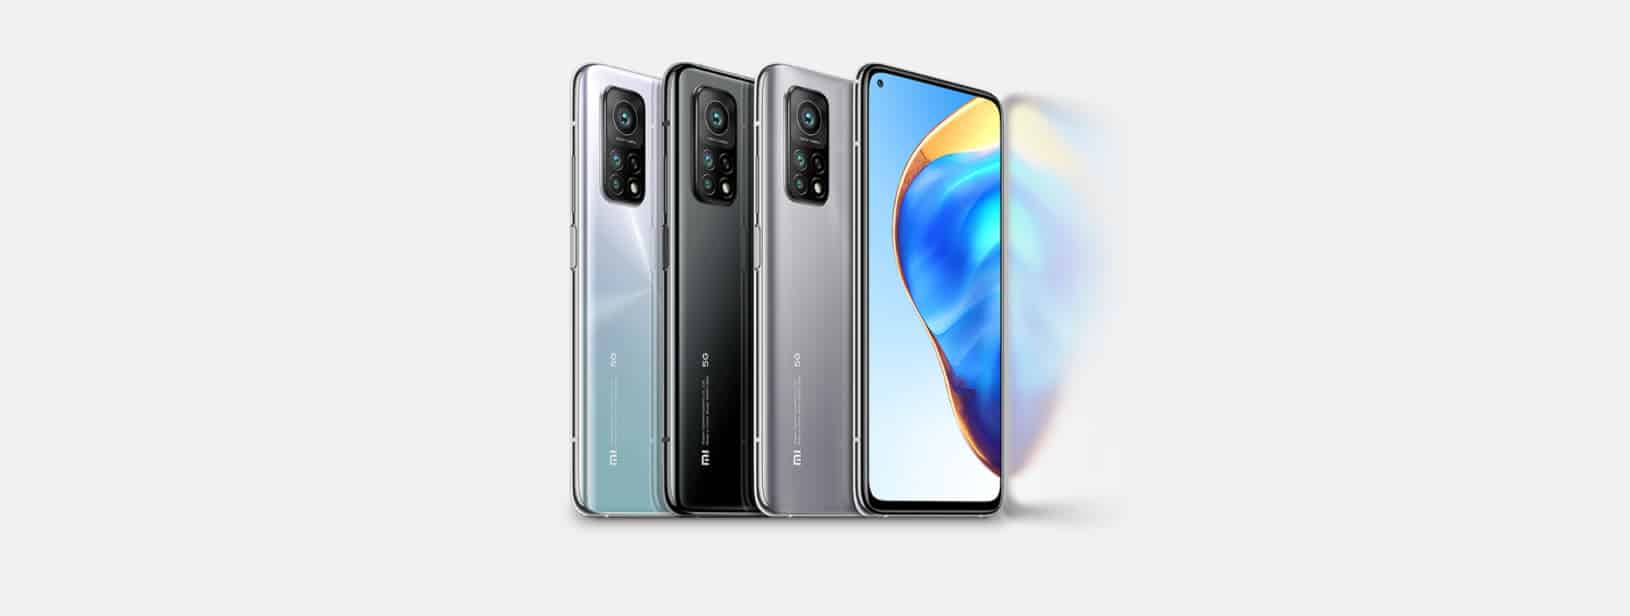 รูป 2020 12 19 15 42 11 ประกอบเนื้อหา Xiaomi ส่ง Mi 10T Series เข้าประกวดสมาร์ทโฟนเรือธงราคาคุ้มค่าแห่งปี